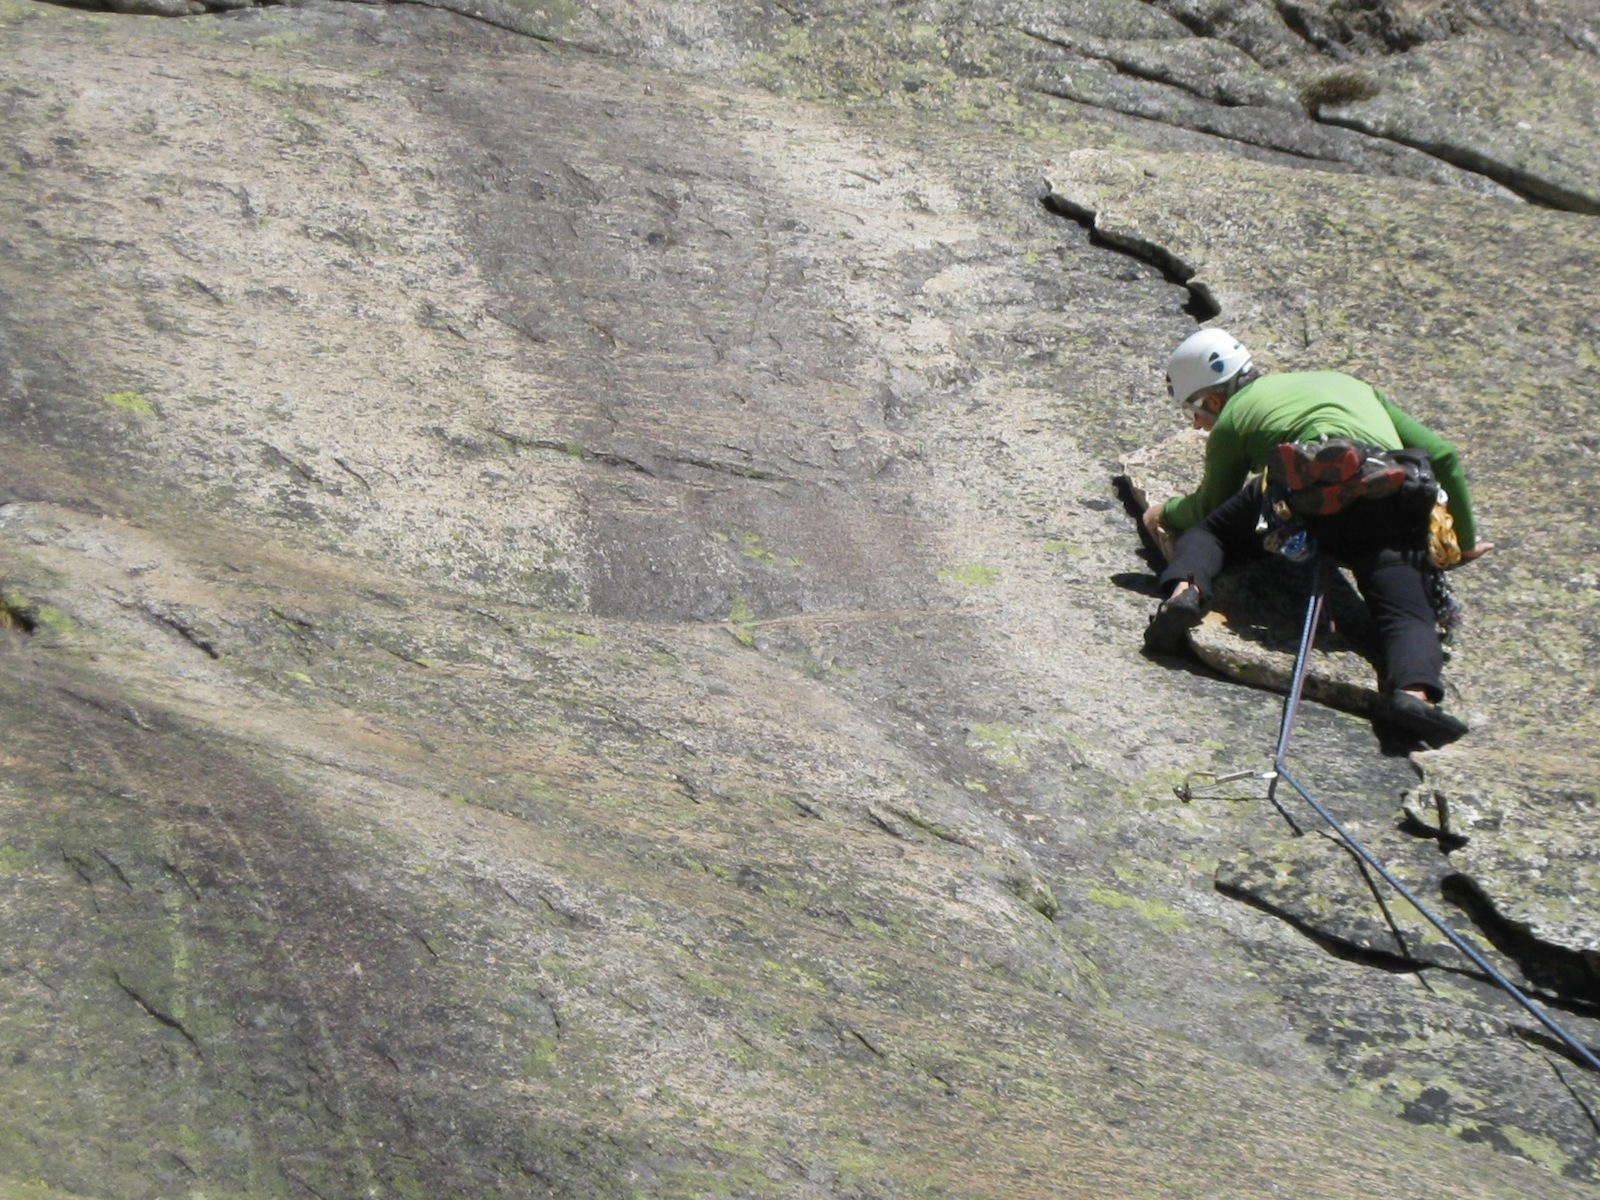 Klettersteig Engstligenalp : Klettersteig alpinschule adelboden